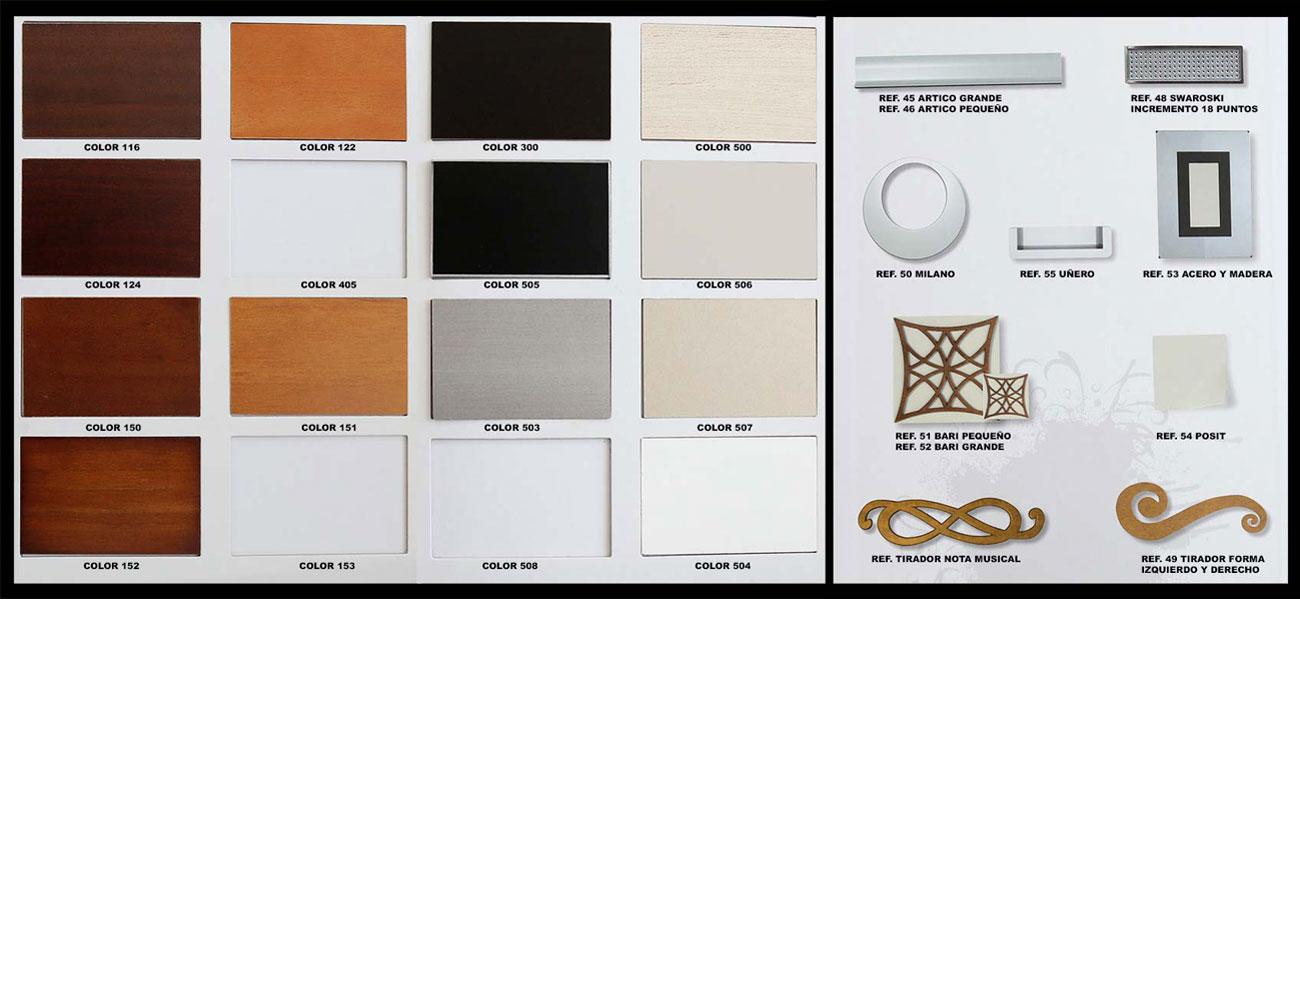 Colores tiradores21